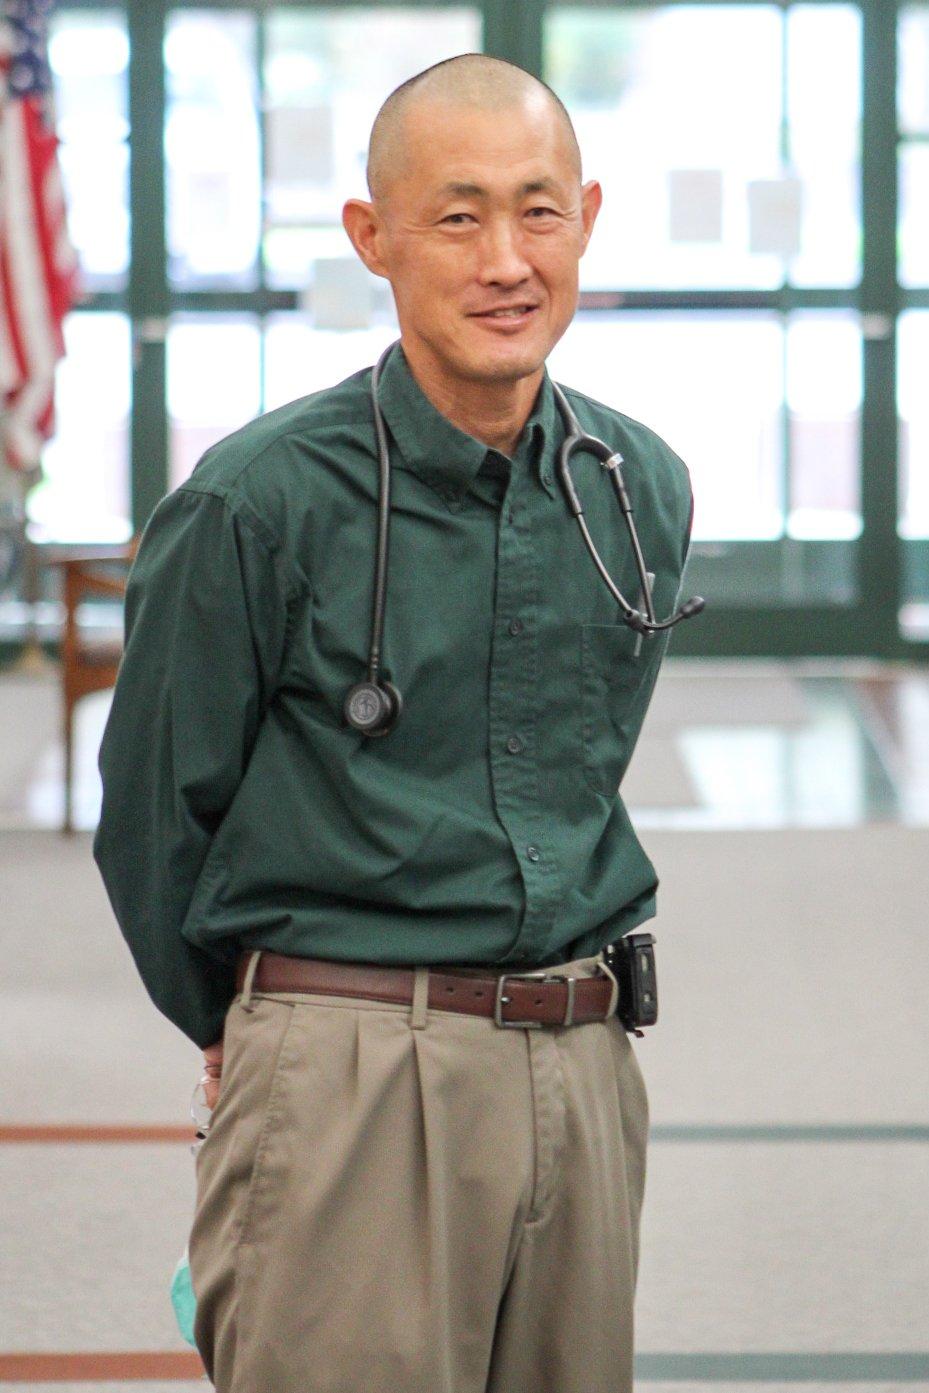 Dr. Monte Uyemura